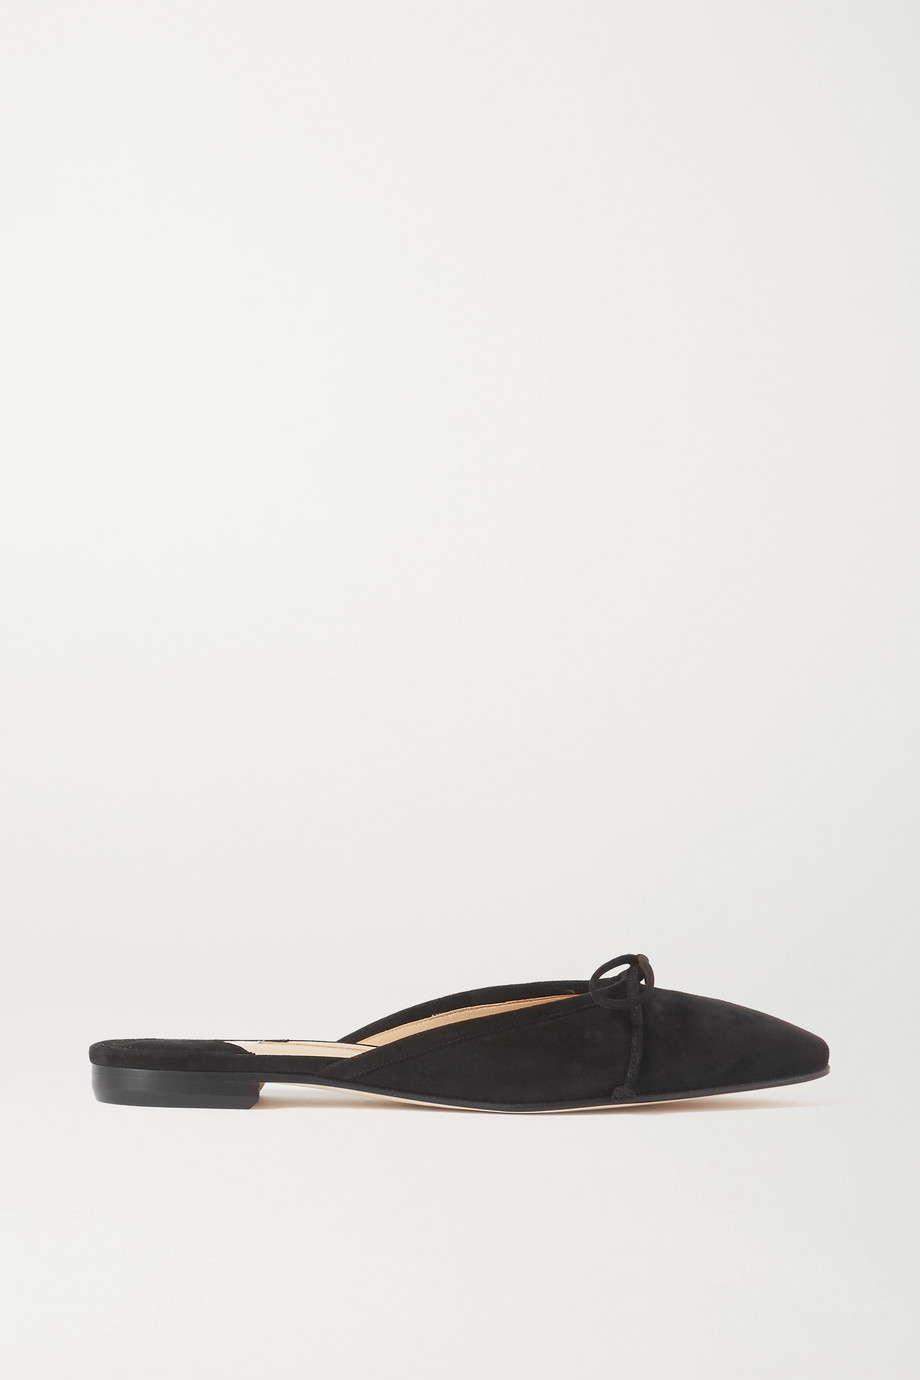 Manolo Blahnik Ballerimu 蝴蝶结细节绒面革穆勒鞋